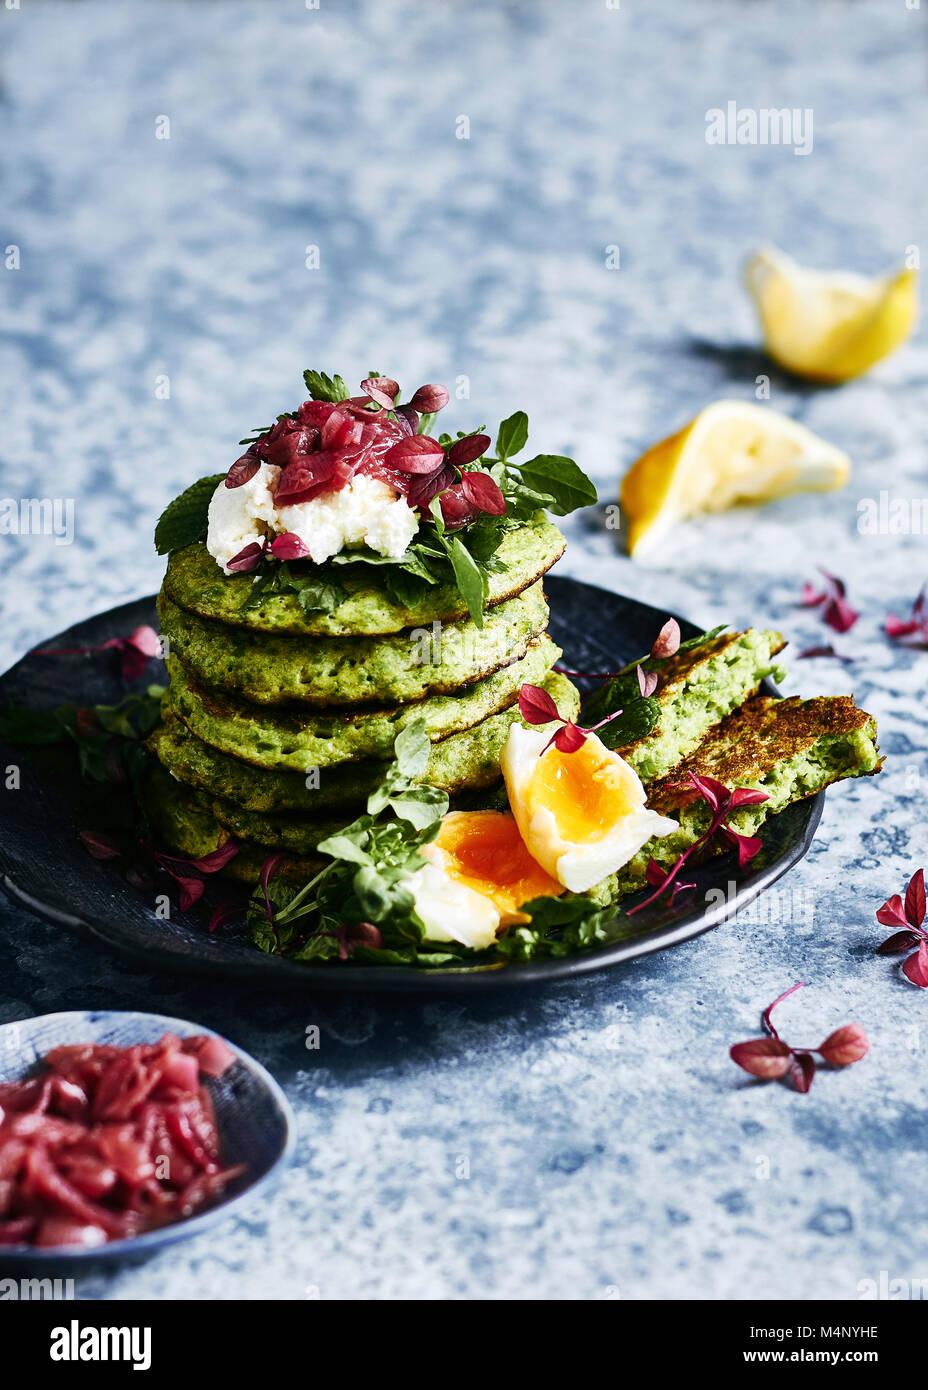 Comer sano, libre glutin arveja pancake pila. Con queso de cabra, huevo watercrese y menta verdes y un lado del Imagen De Stock